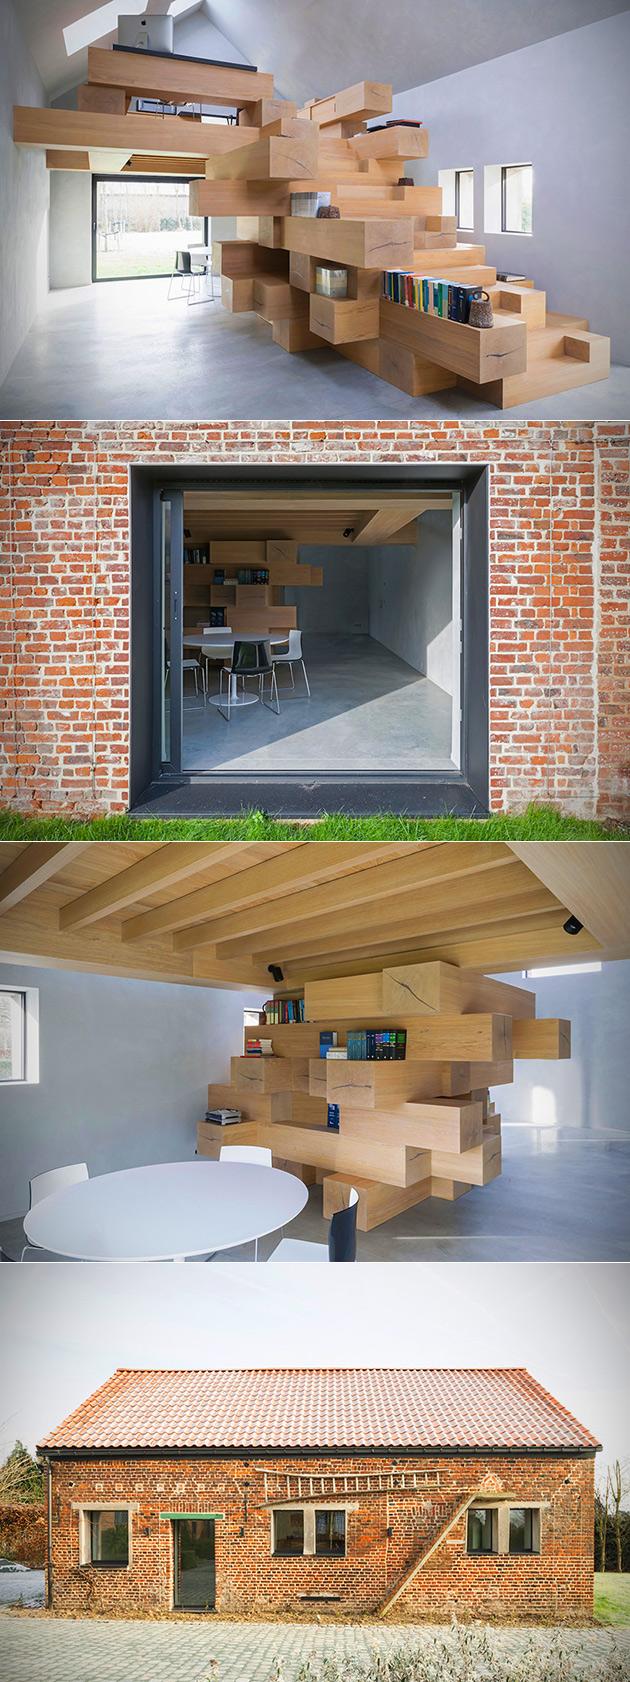 Stable Tetris House